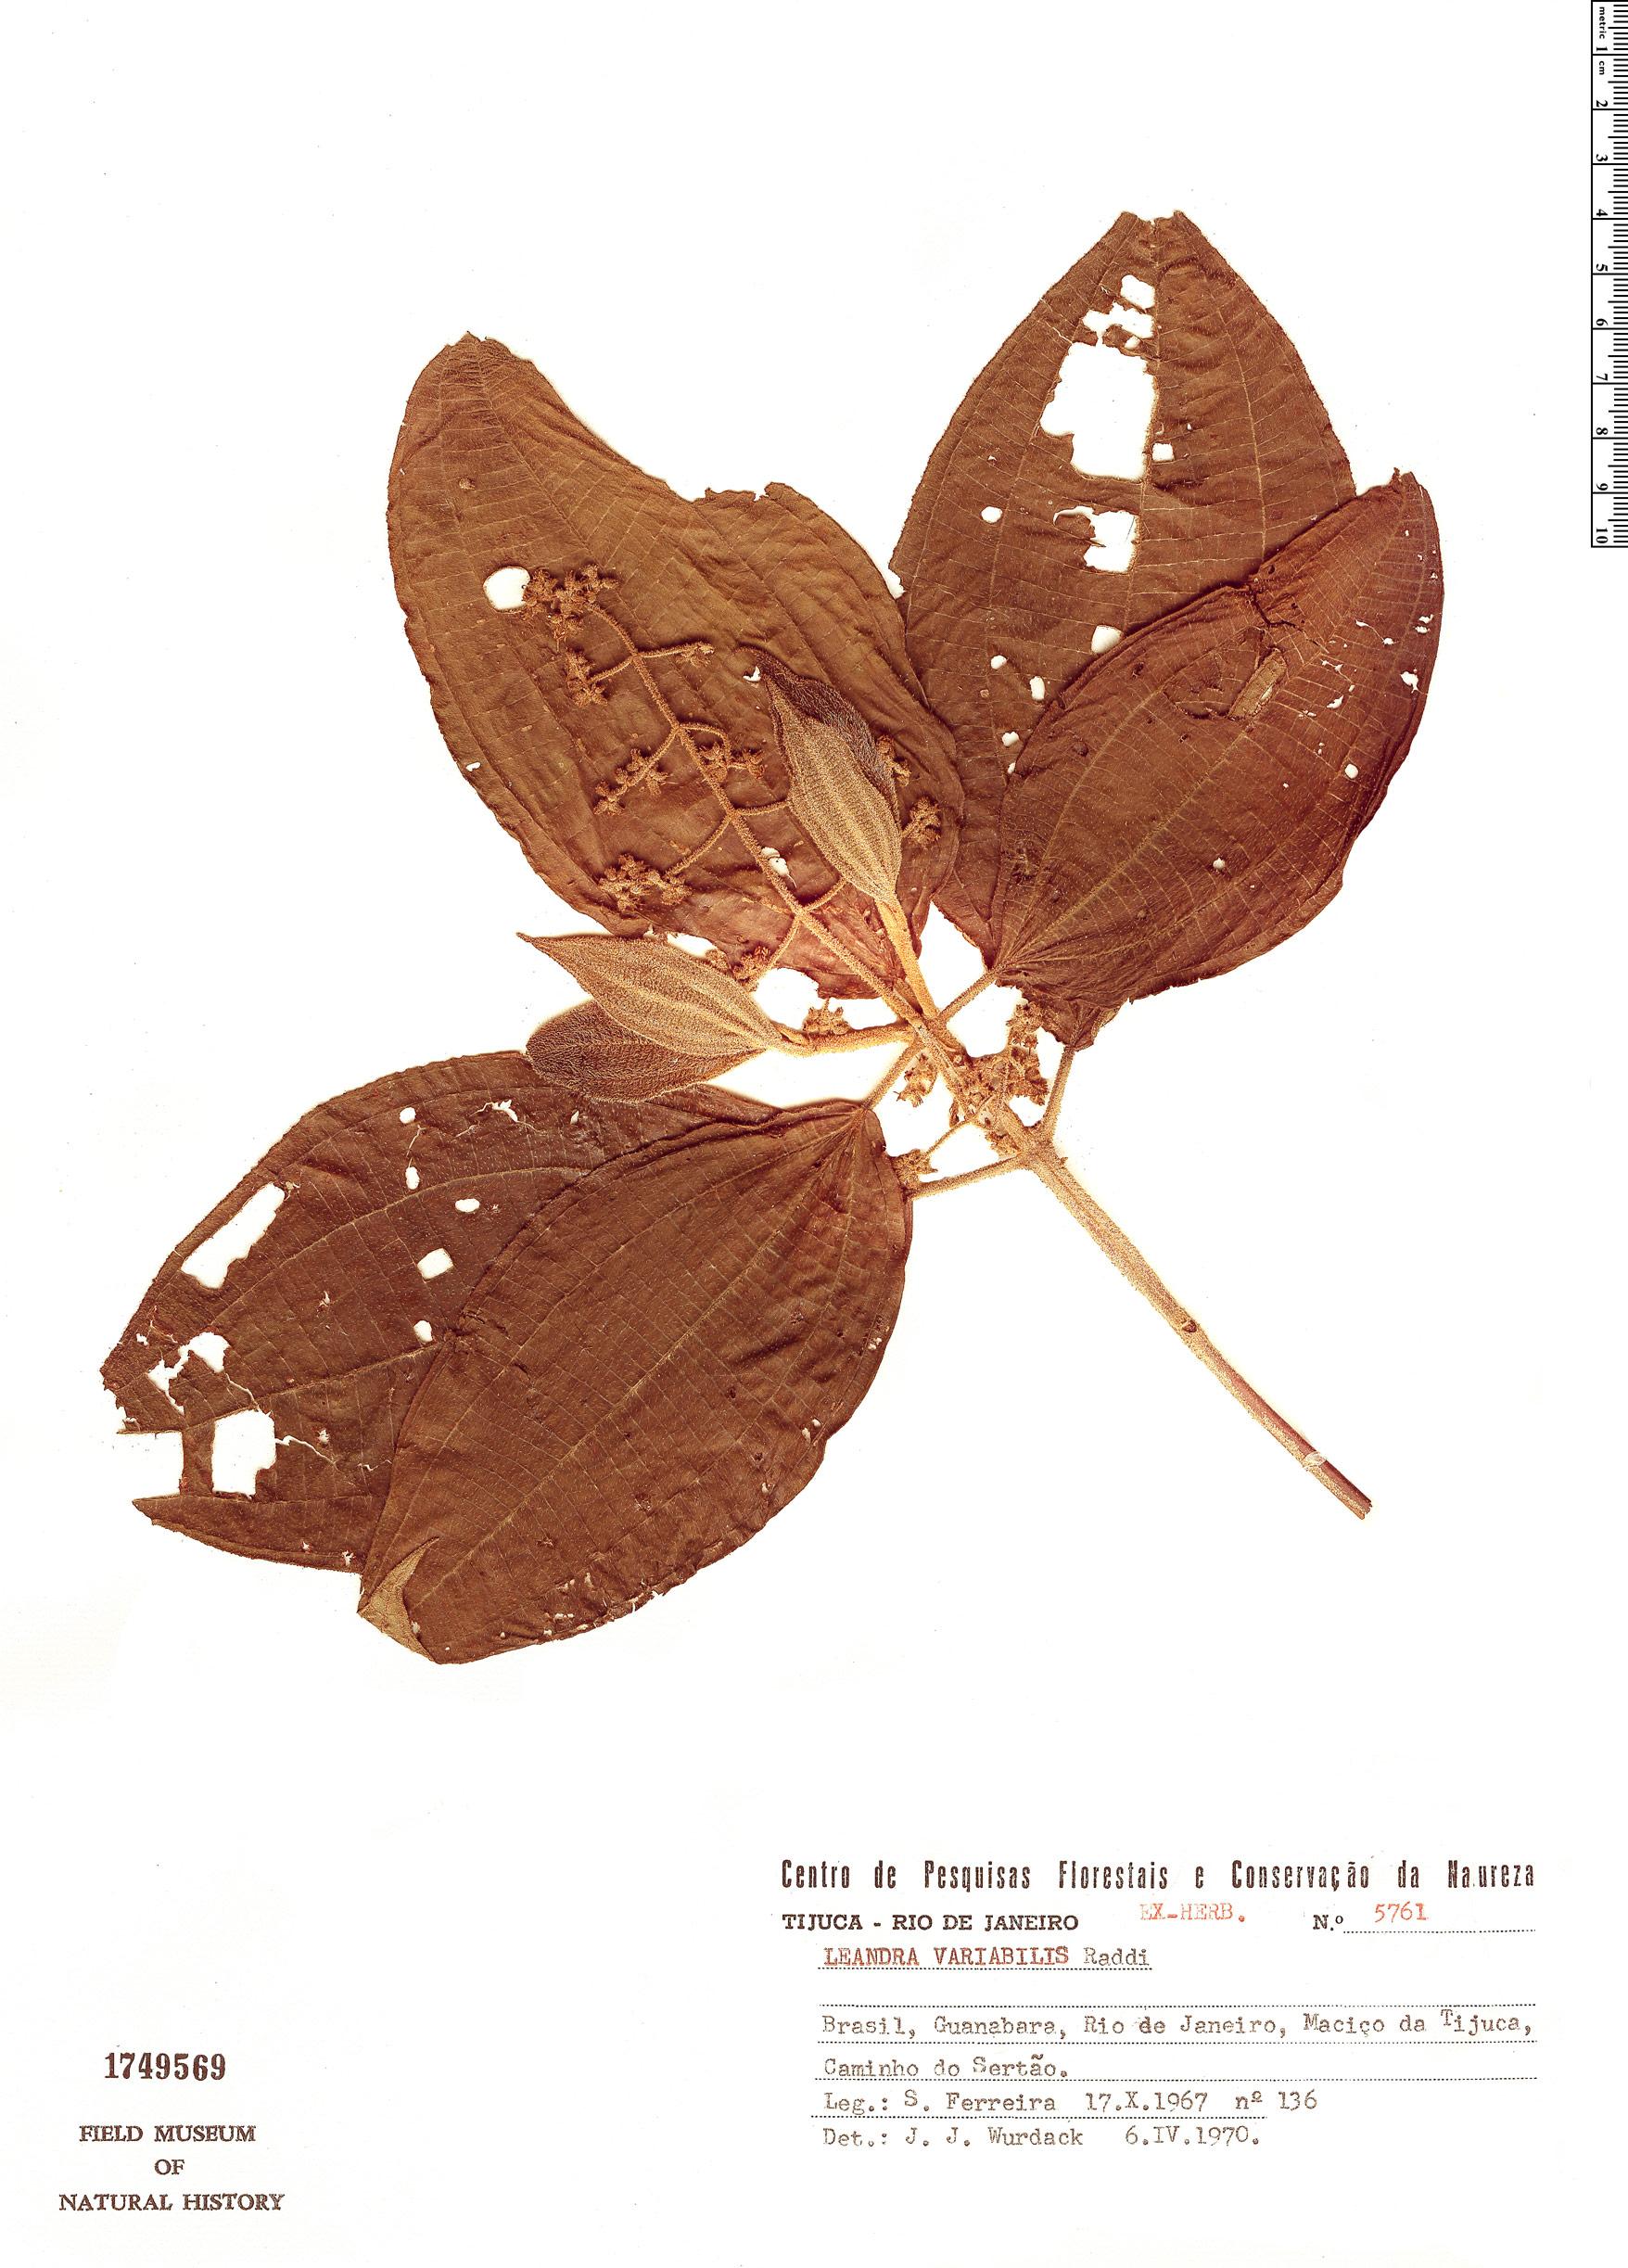 Specimen: Leandra variabilis